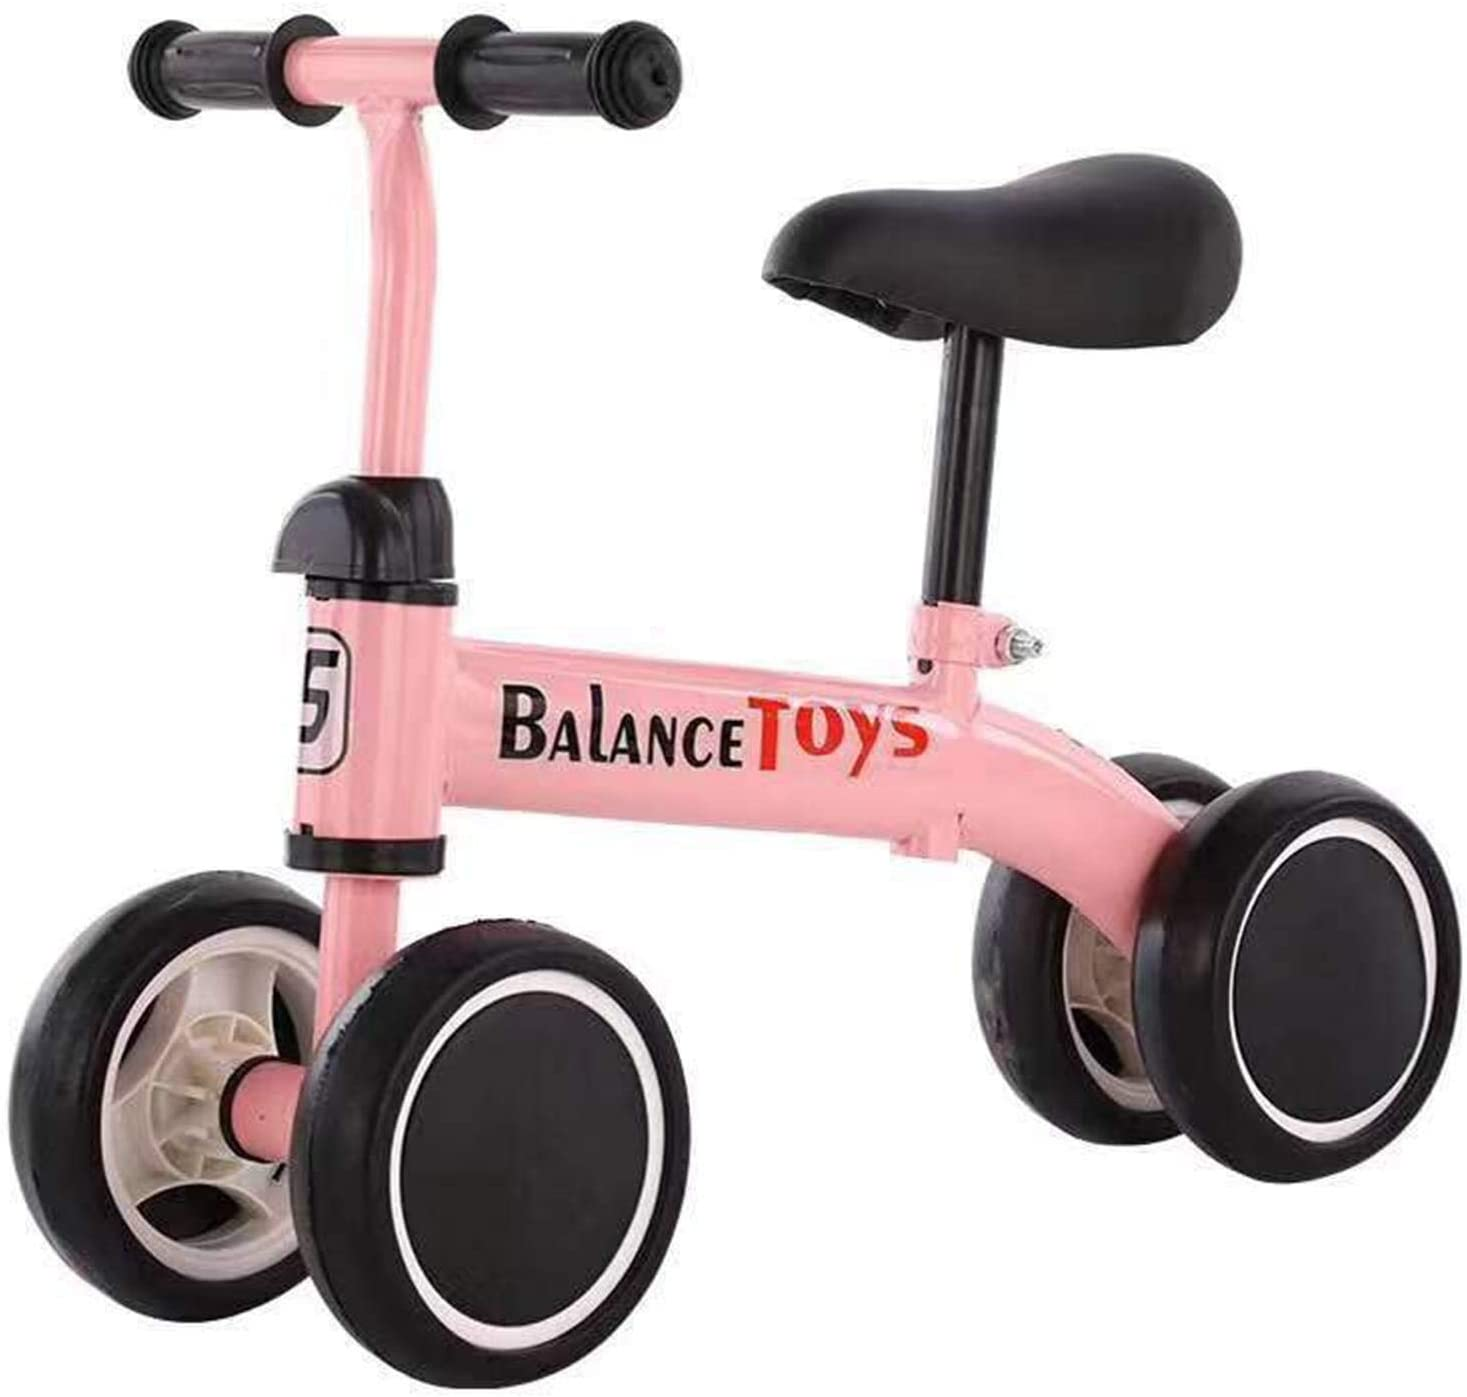 Bicicletas De Equilibrio Para Bebés, Bicicleta Para Bebés, Paseo En Bicicleta Para Niños De 2 A 8 Años, Niñas, Sin Pedal, 4 Ruedas, Bicicletas Para Bebés, Primer Regalo De Cumpleaños En Bicicleta